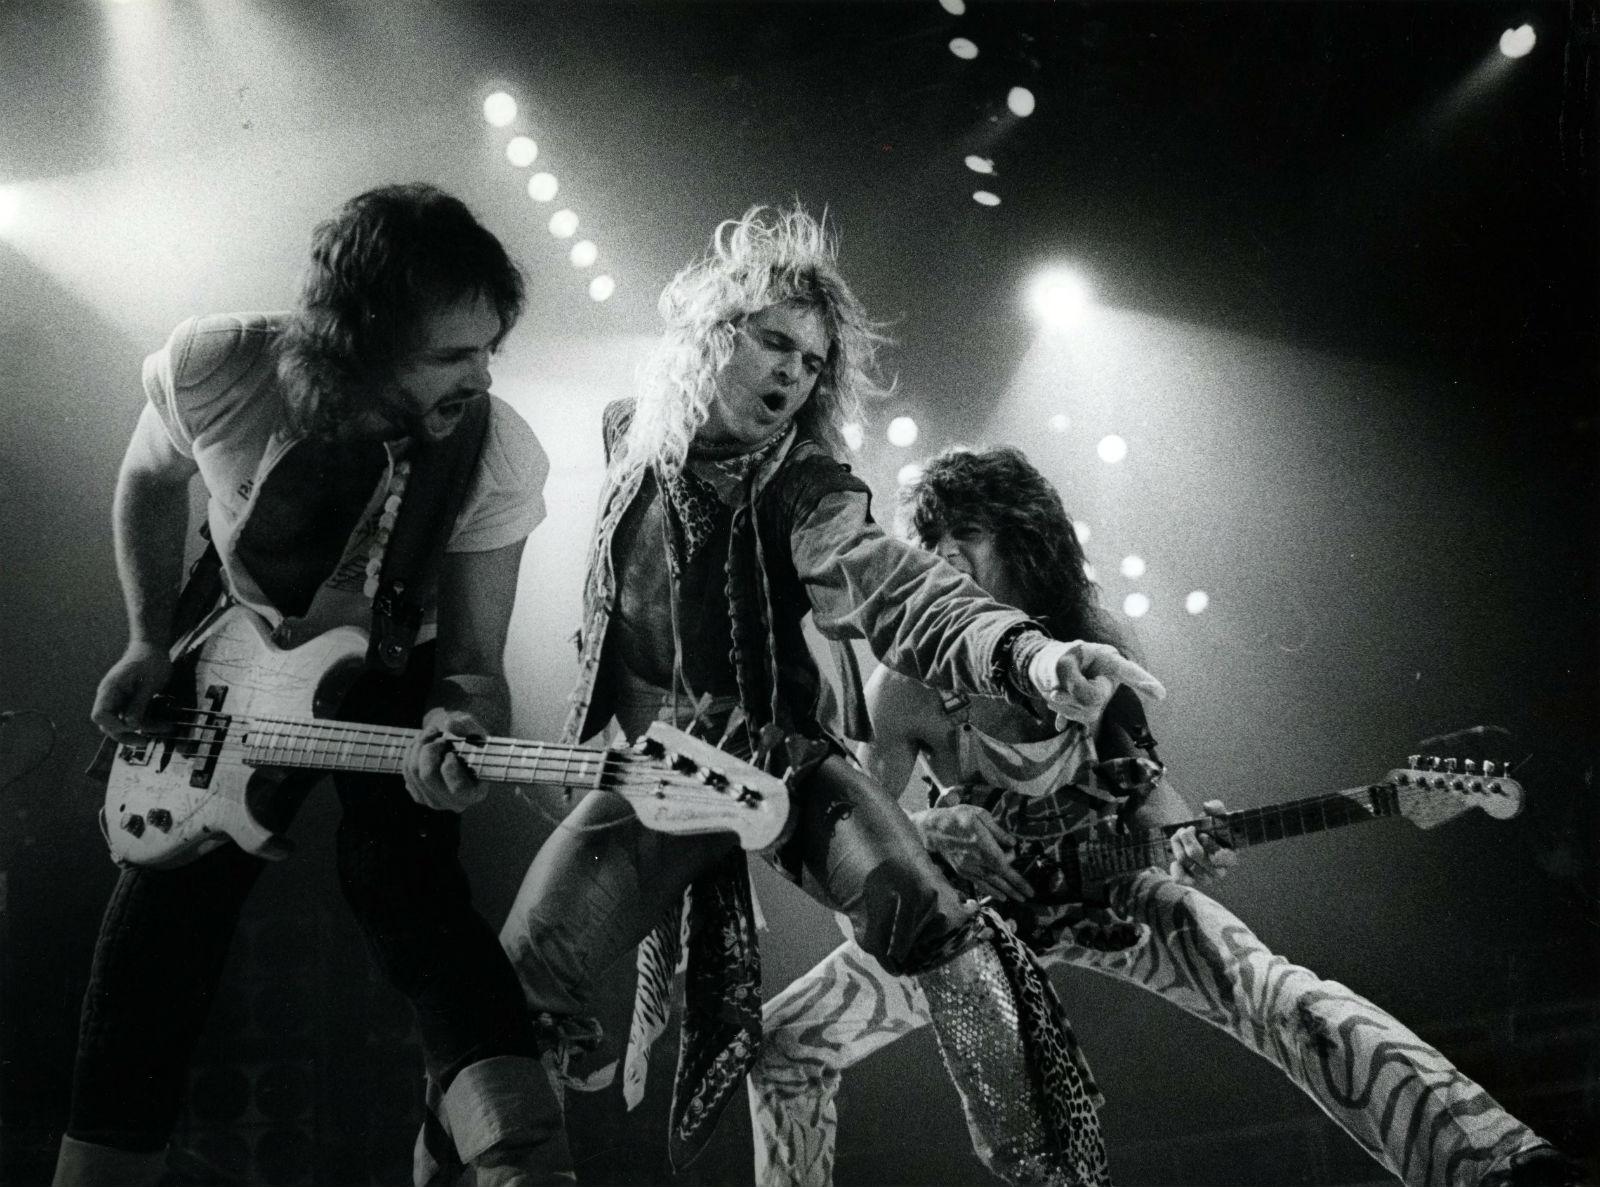 VAN HALEN Heavy Metal Hard Rock Bands Concert Guitar N Wallpaper